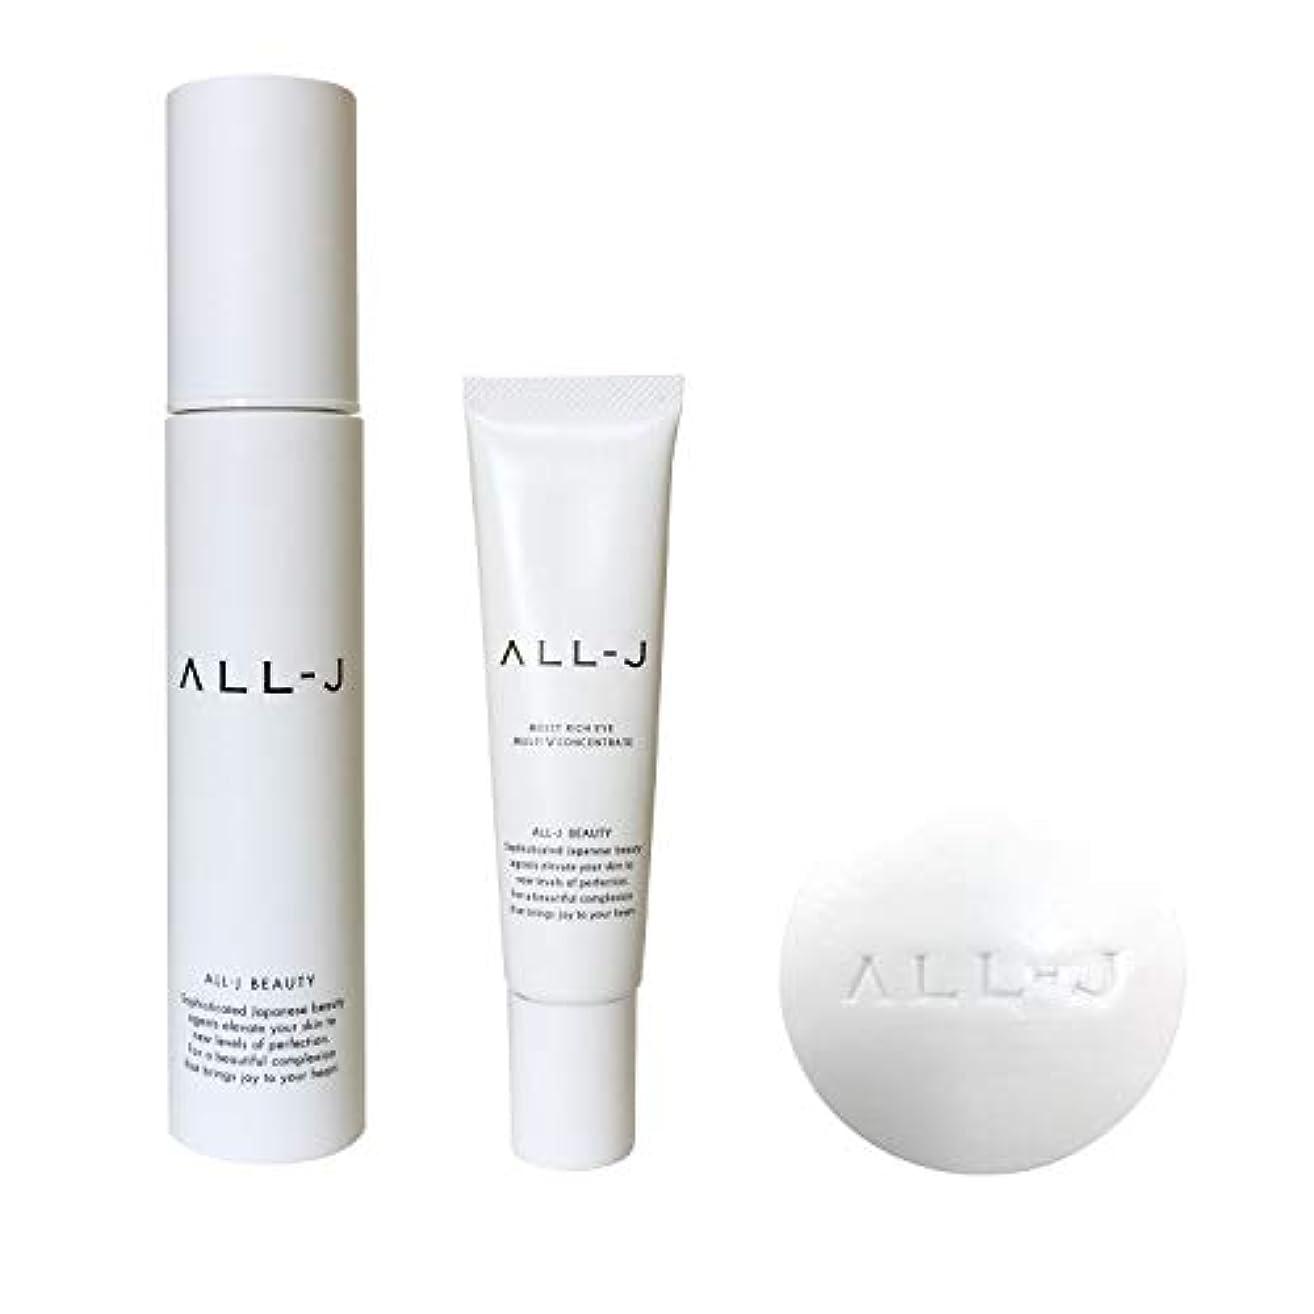 ALL-J オールジェイ スキンケアセット ゲルクリーム状美容液 オールインワンタイプ & アイクリーム & 洗顔石鹸